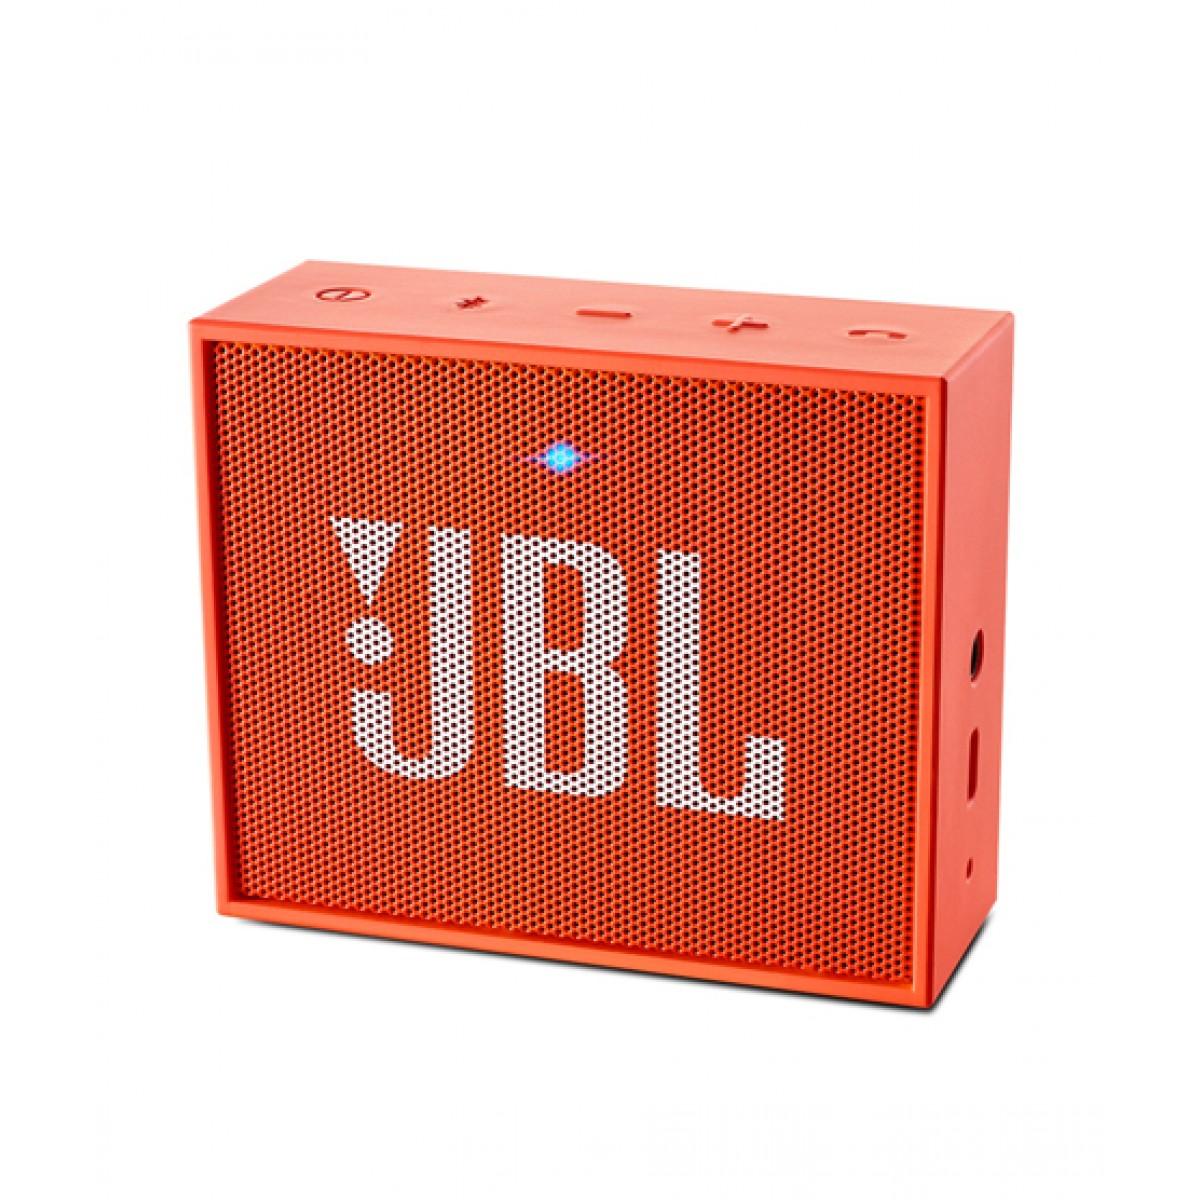 Jbl Go Portable Speaker Price In Pakistan Buy Jbl Go Portable Mini